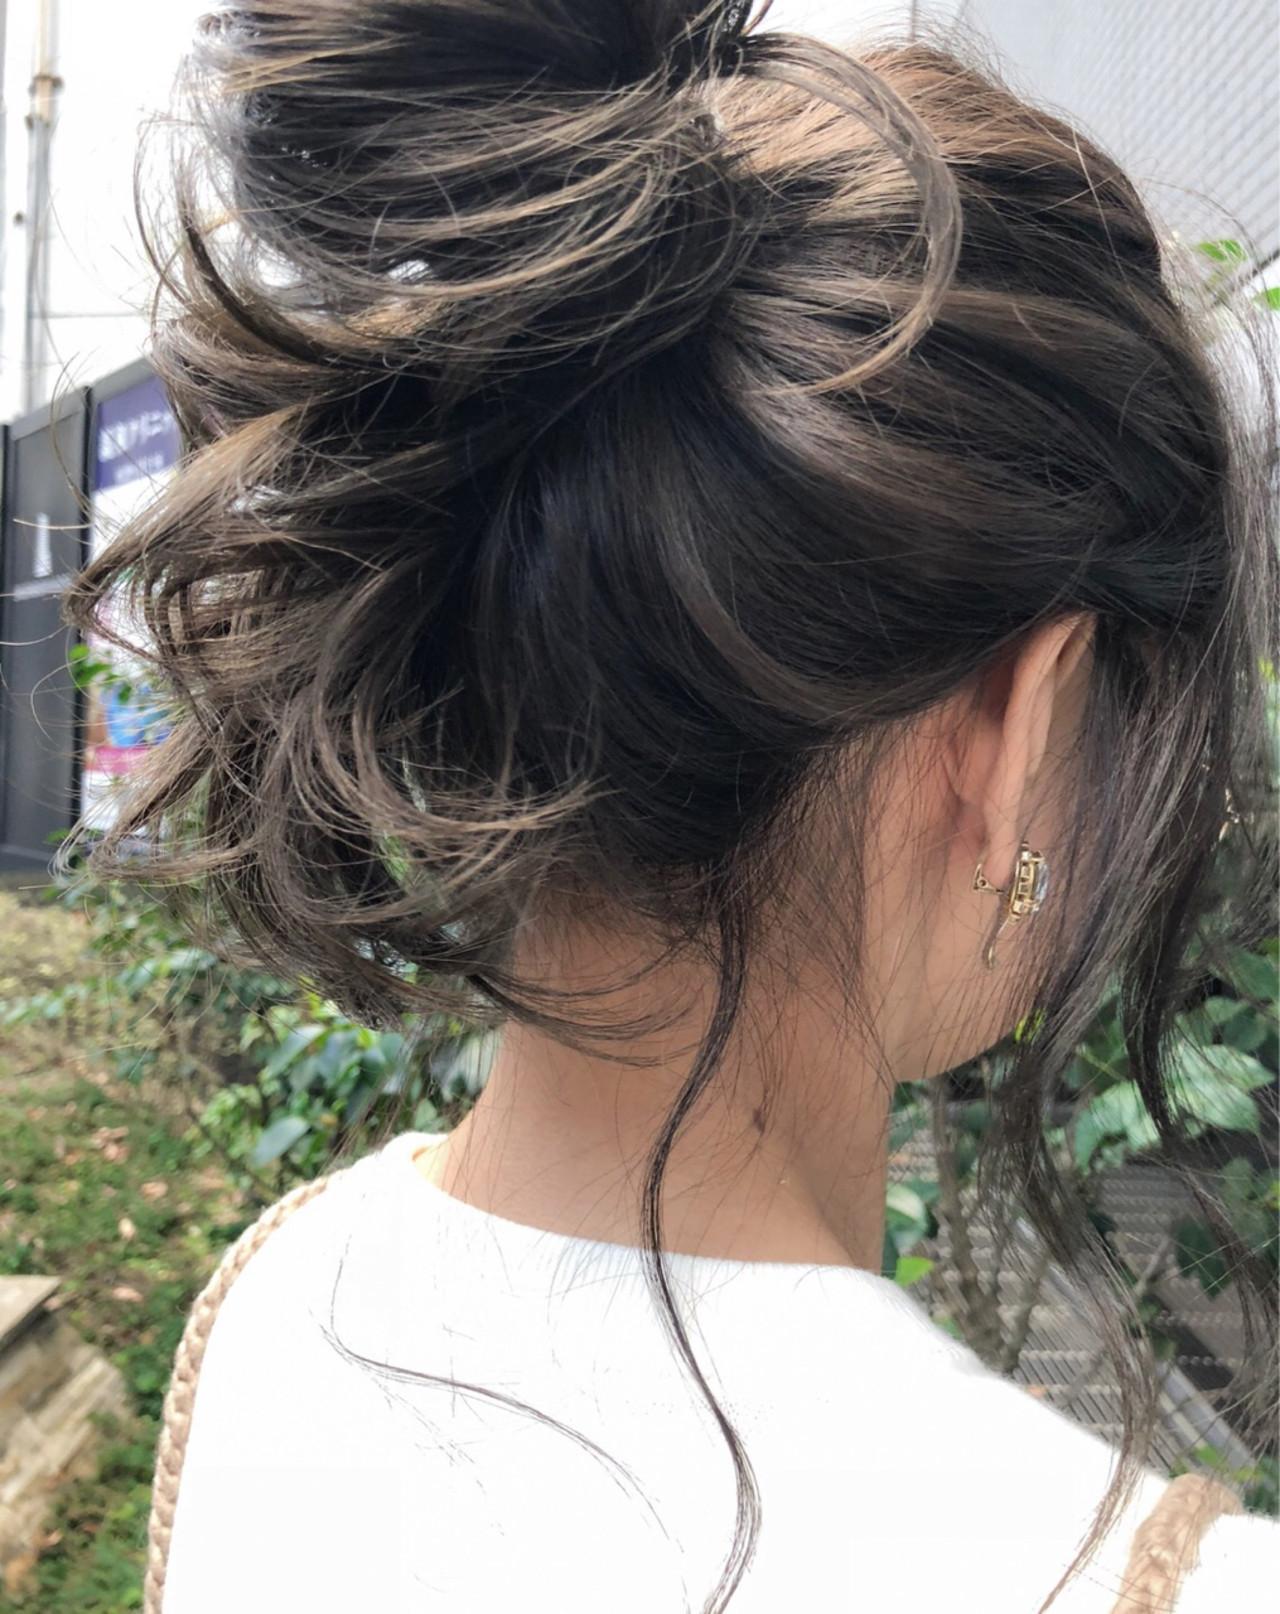 パーティ ショート フェミニン 結婚式 ヘアスタイルや髪型の写真・画像